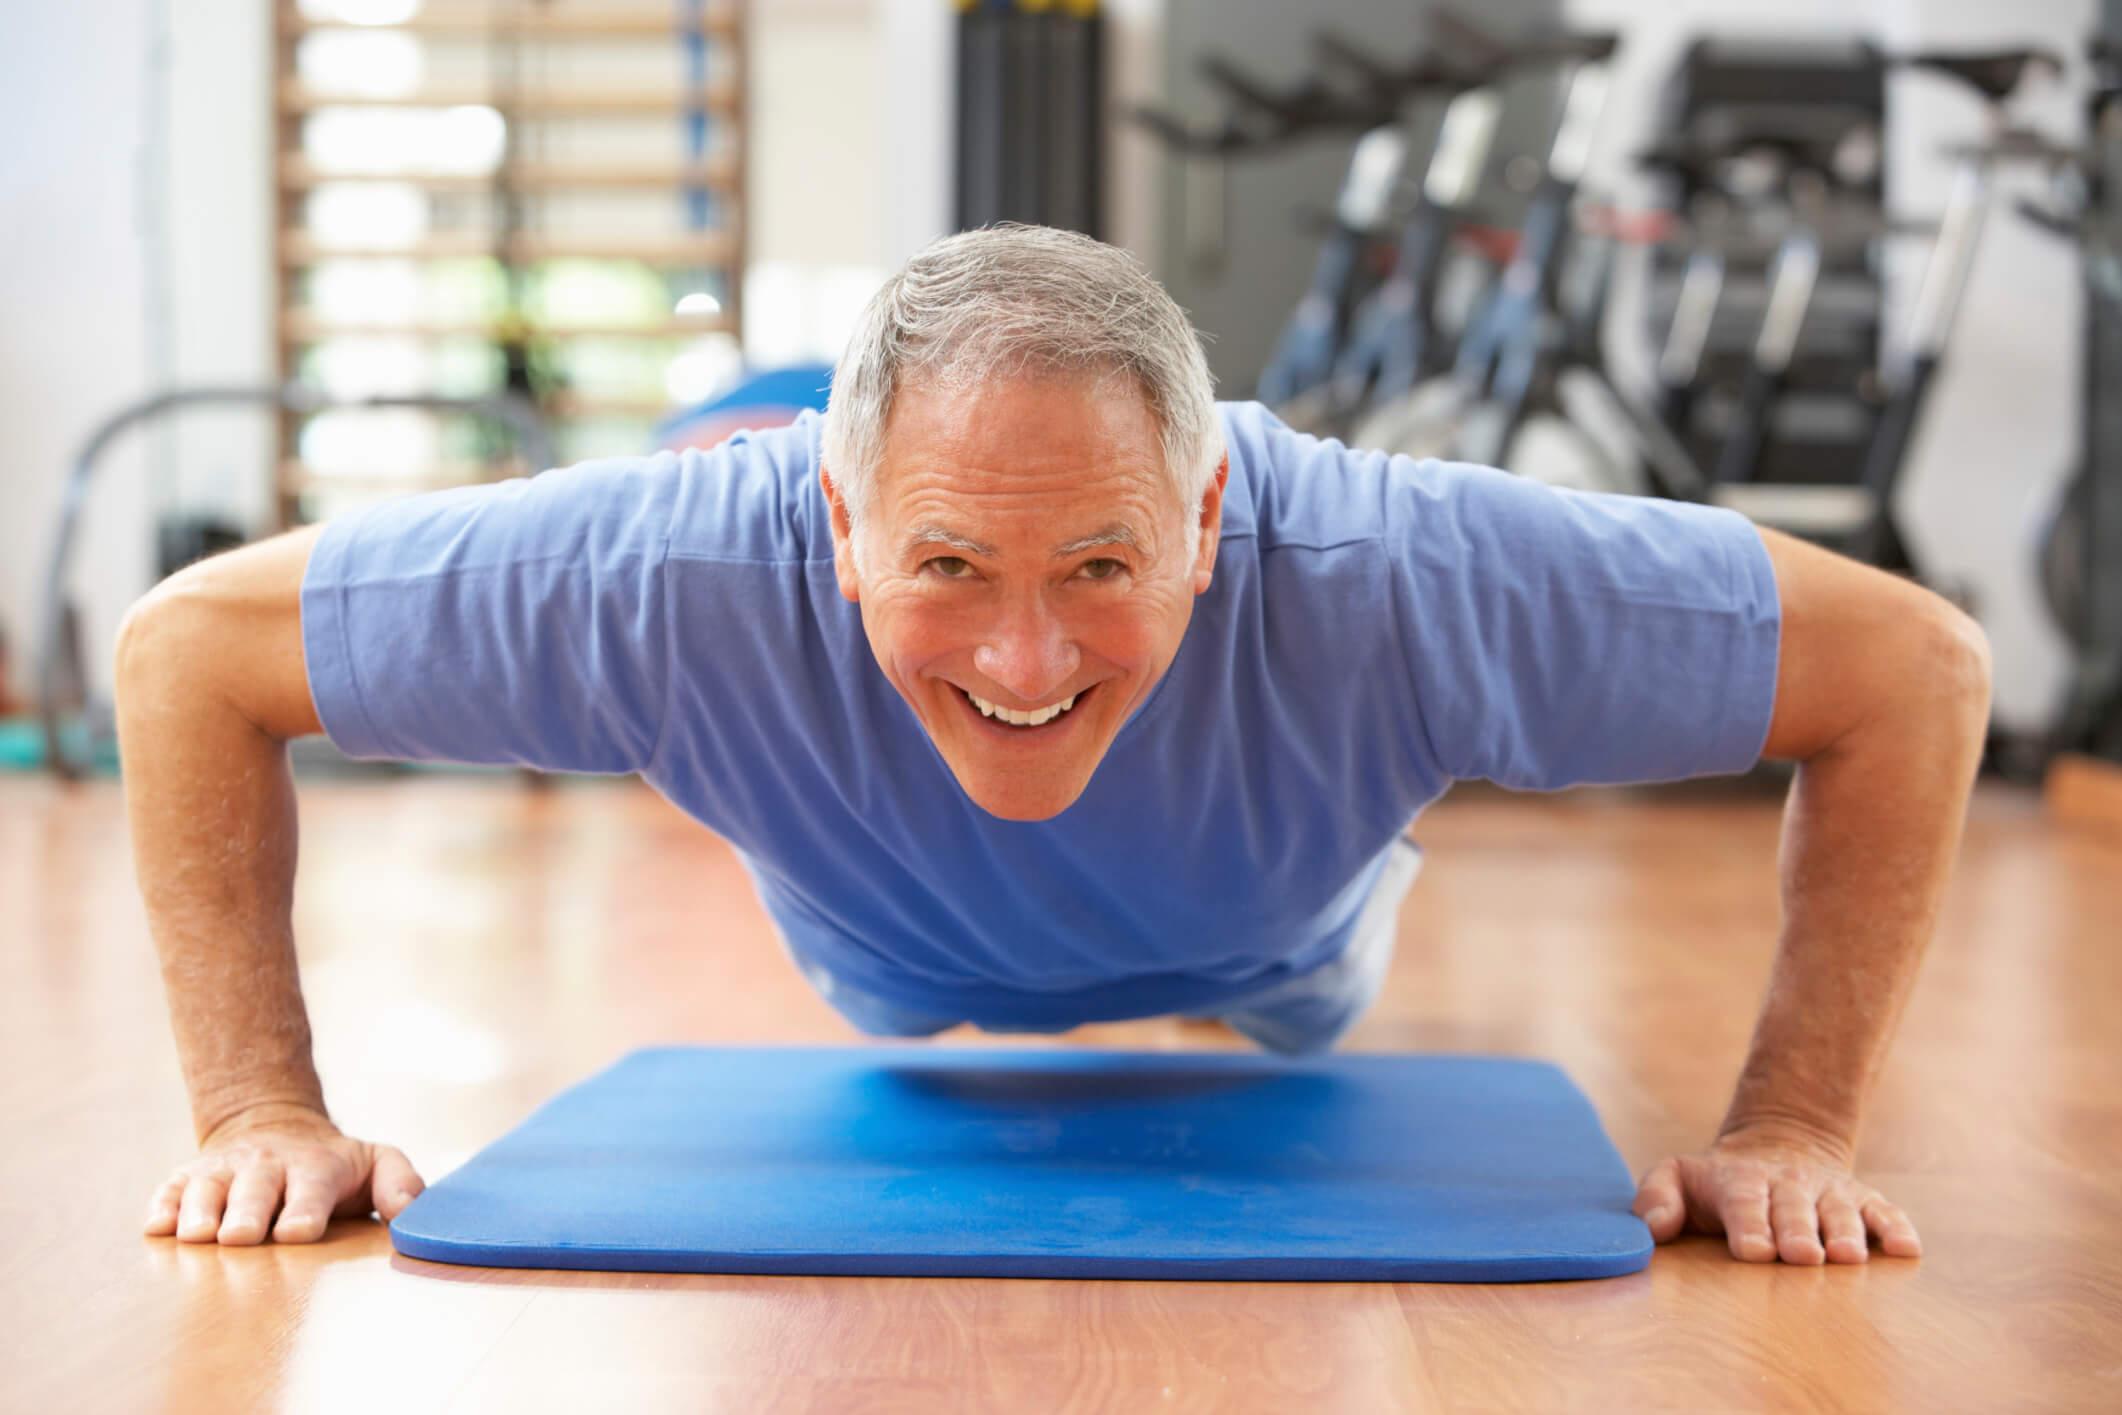 قاسمی: محتوای رسانههای ورزشی میتواند در تغییر رویکرد سالمند تاثیرگذار باشد